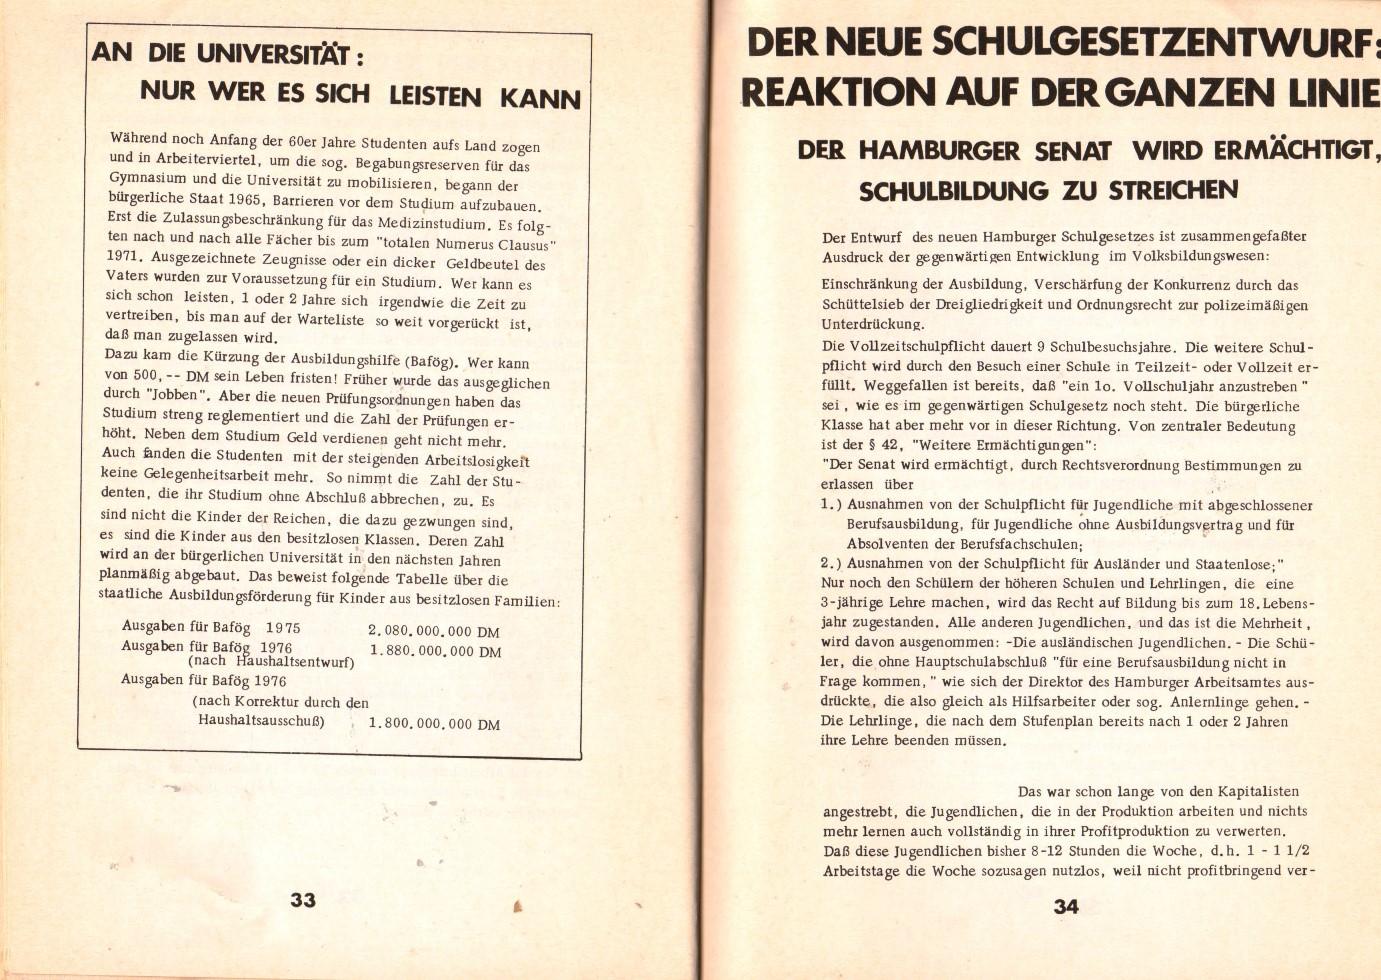 Hamburg_KBW_1976_Das_Schulwesen_seit_1945_19